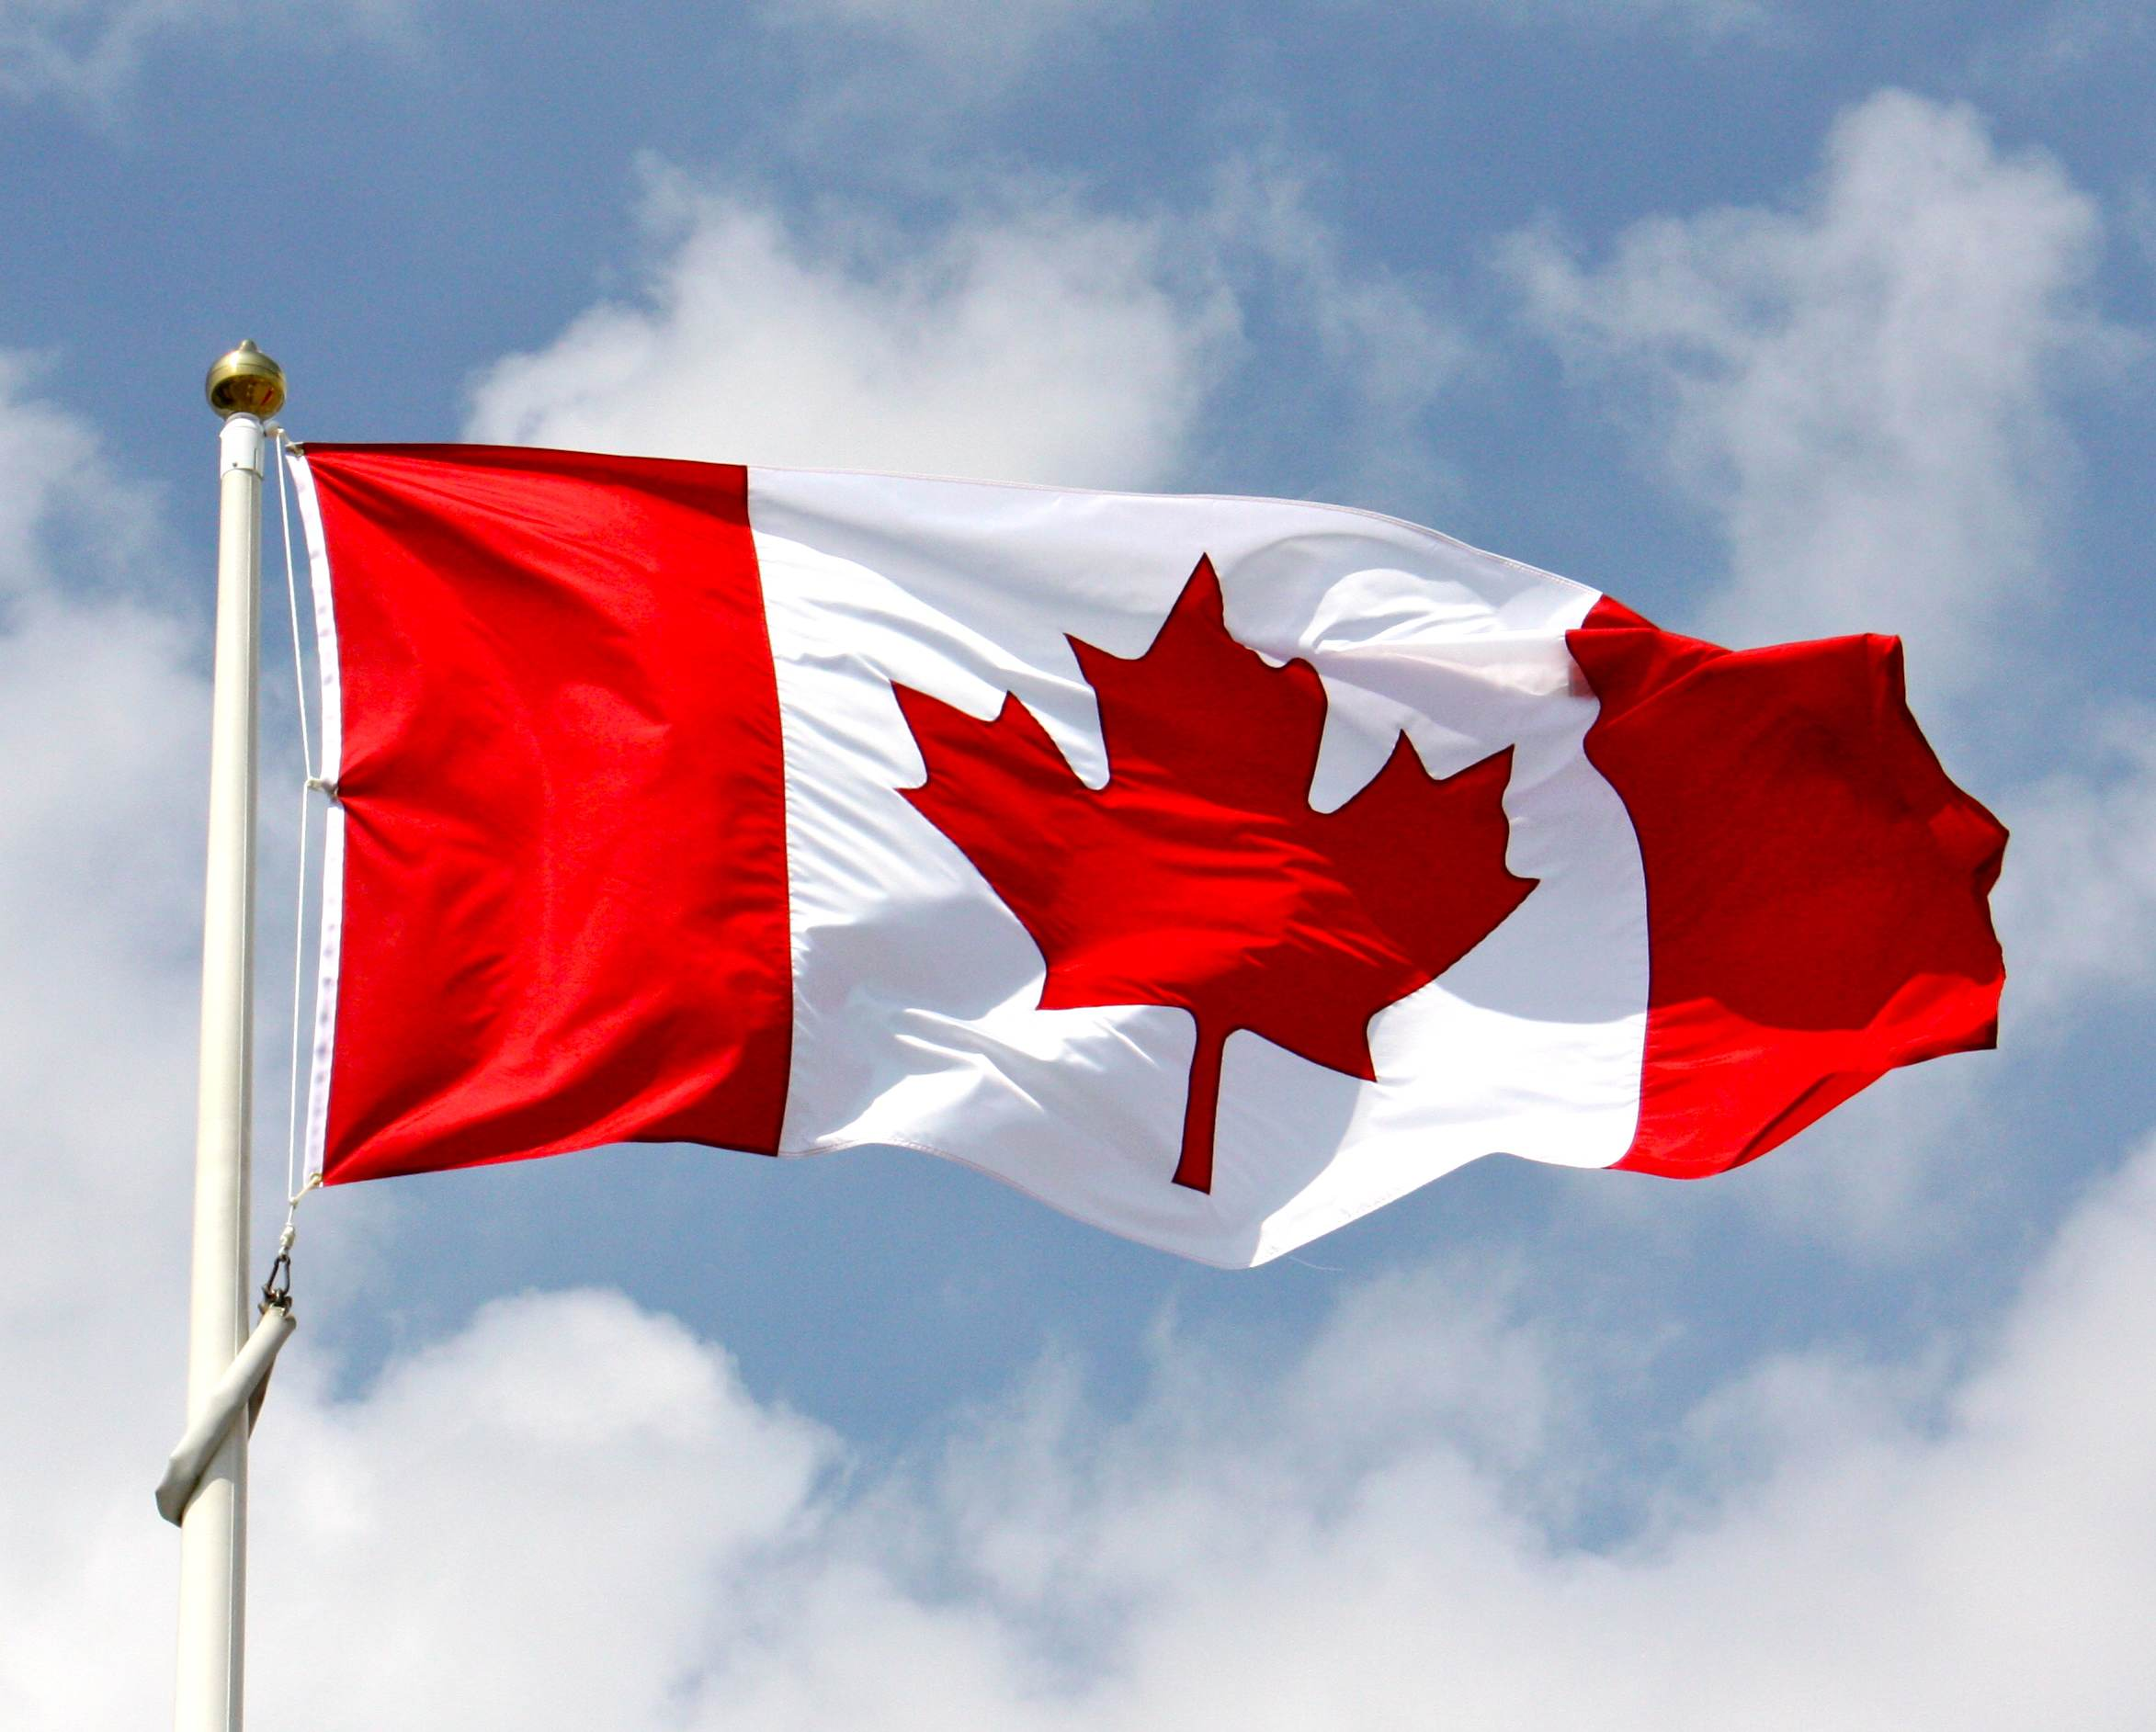 Población de Canadá creció 1.7 millones en 5 años de acuerdo al último censo.